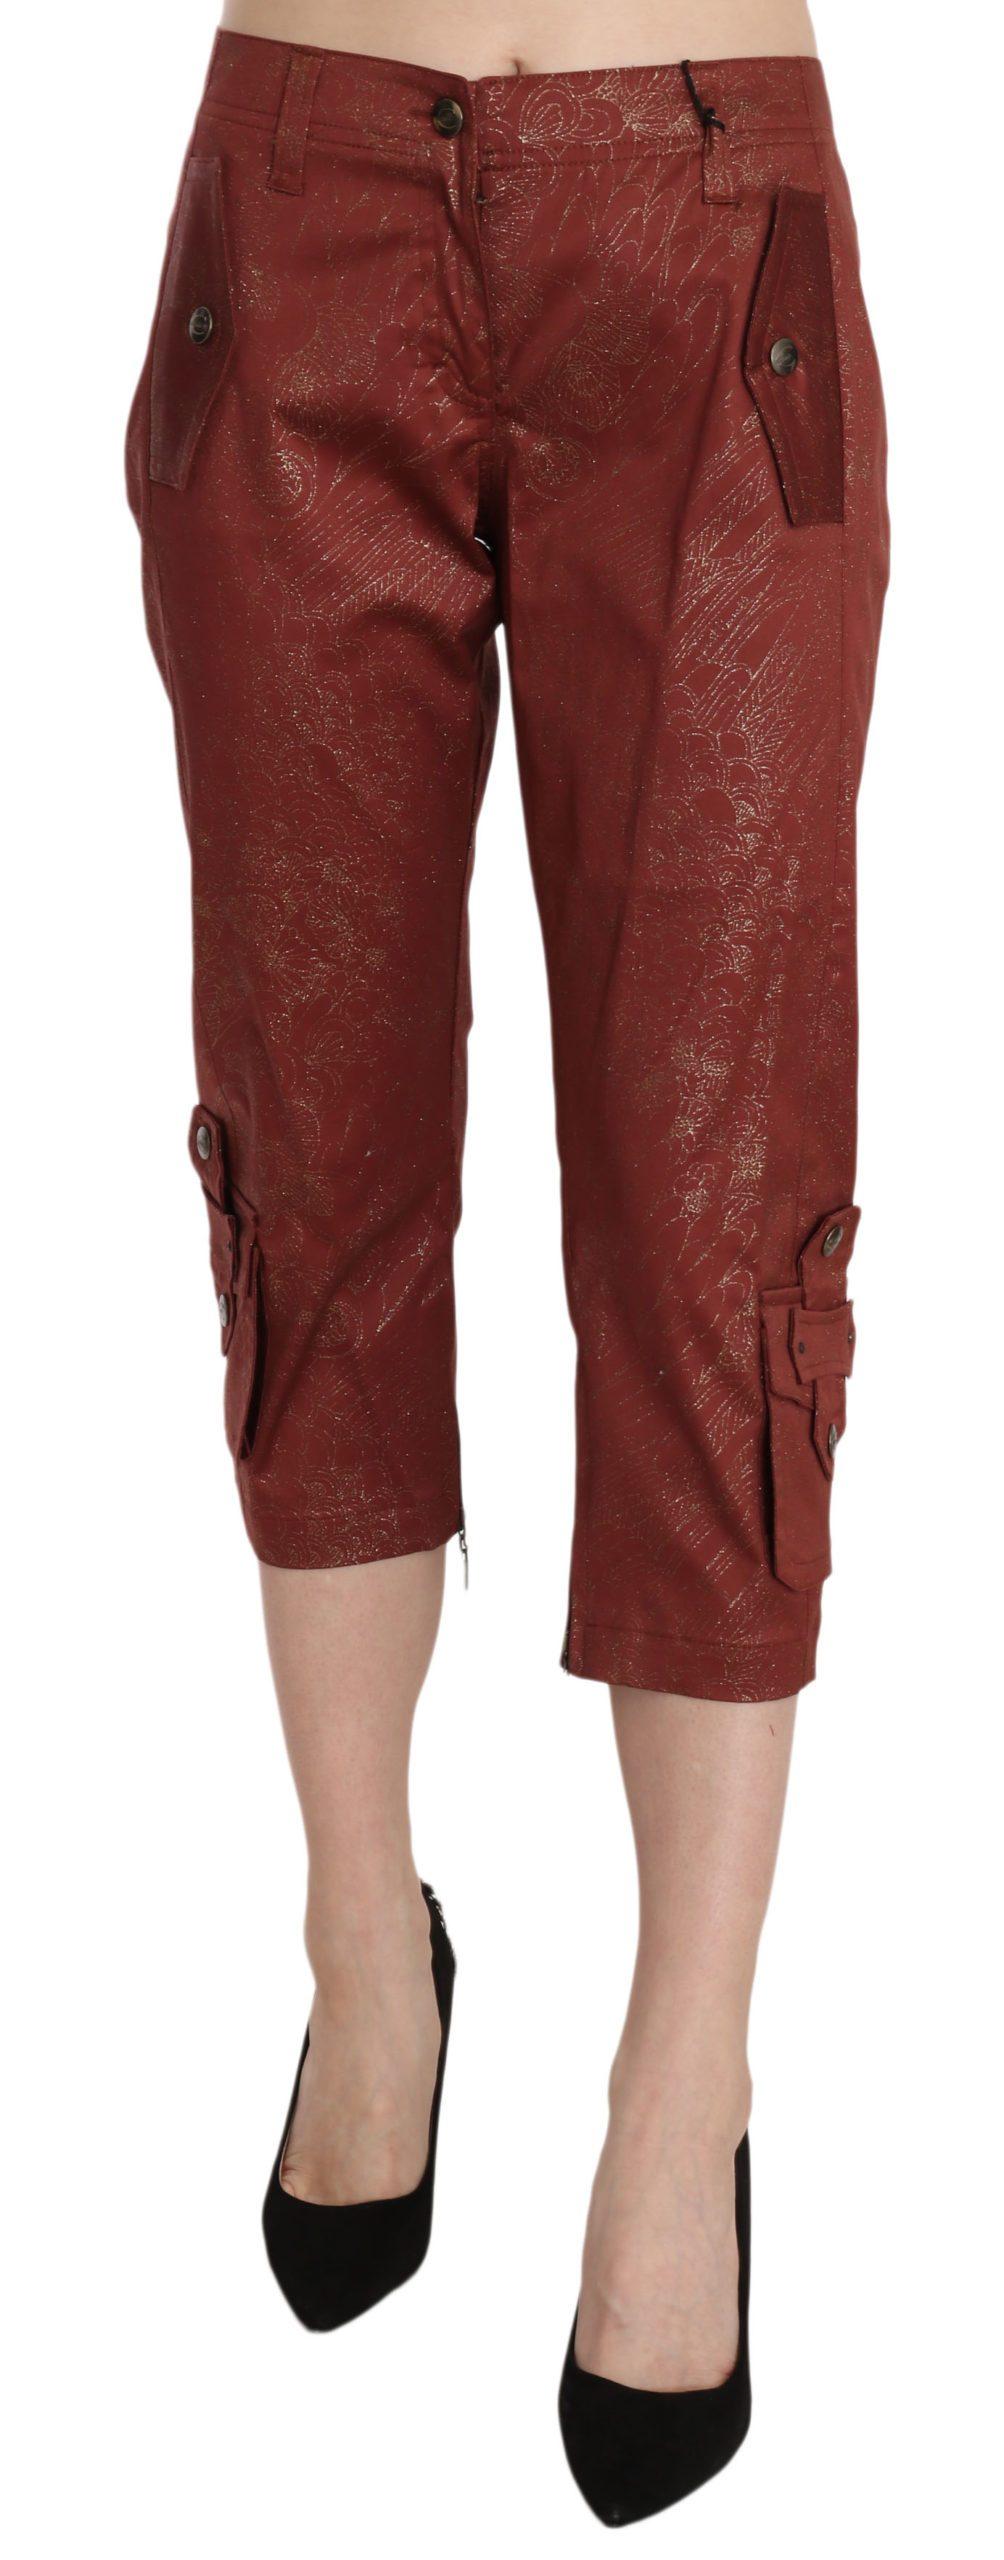 Just Cavalli Women's Cotton Capri Trouser Bordeaux PAN70293 - IT46 XL